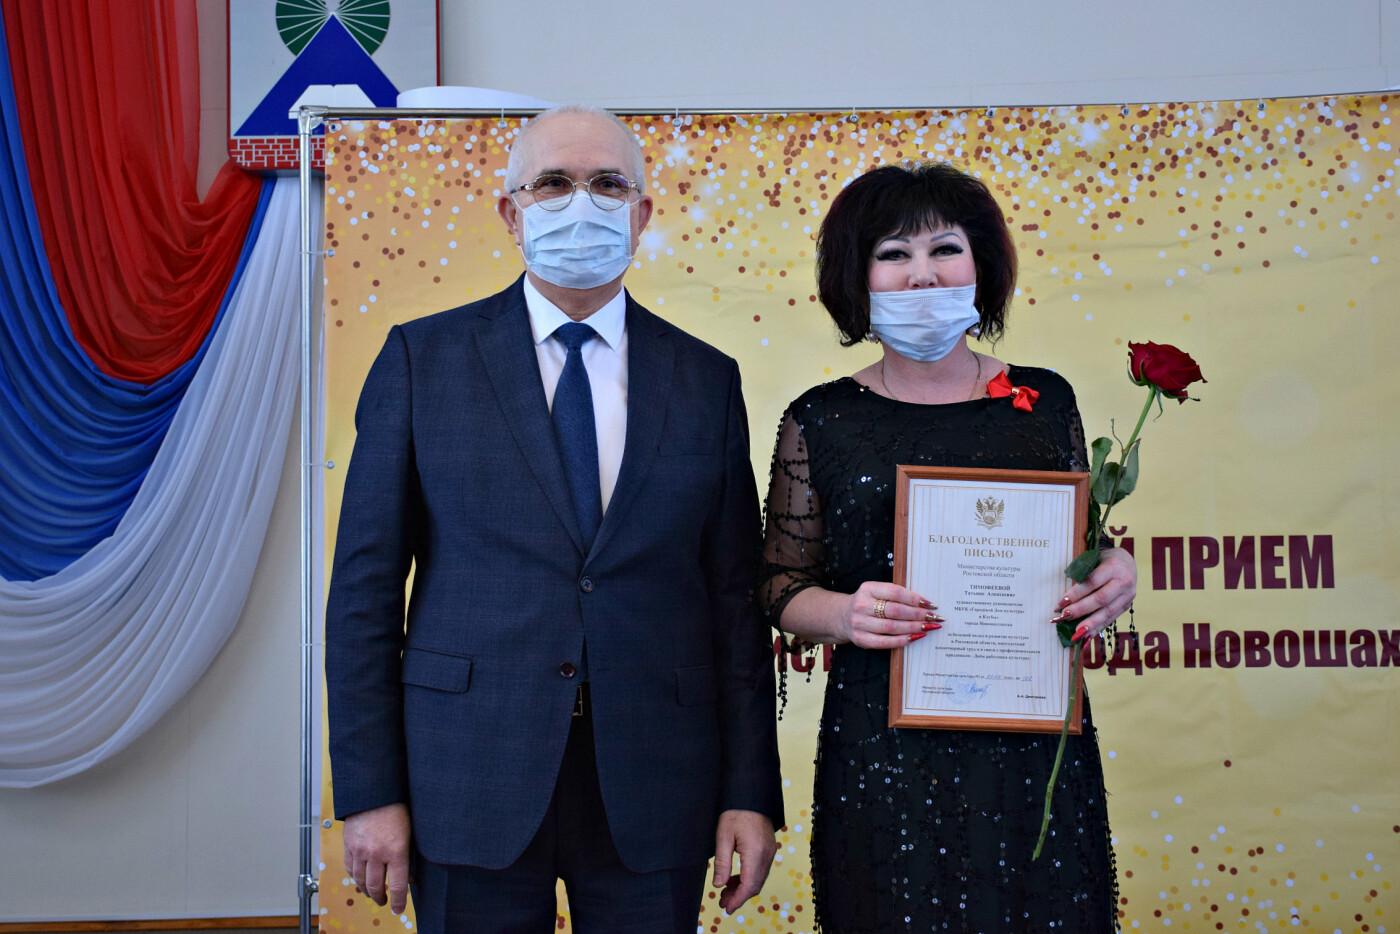 Глава администрации вручил награды отличившимся жителям Новошахтинска, фото-3